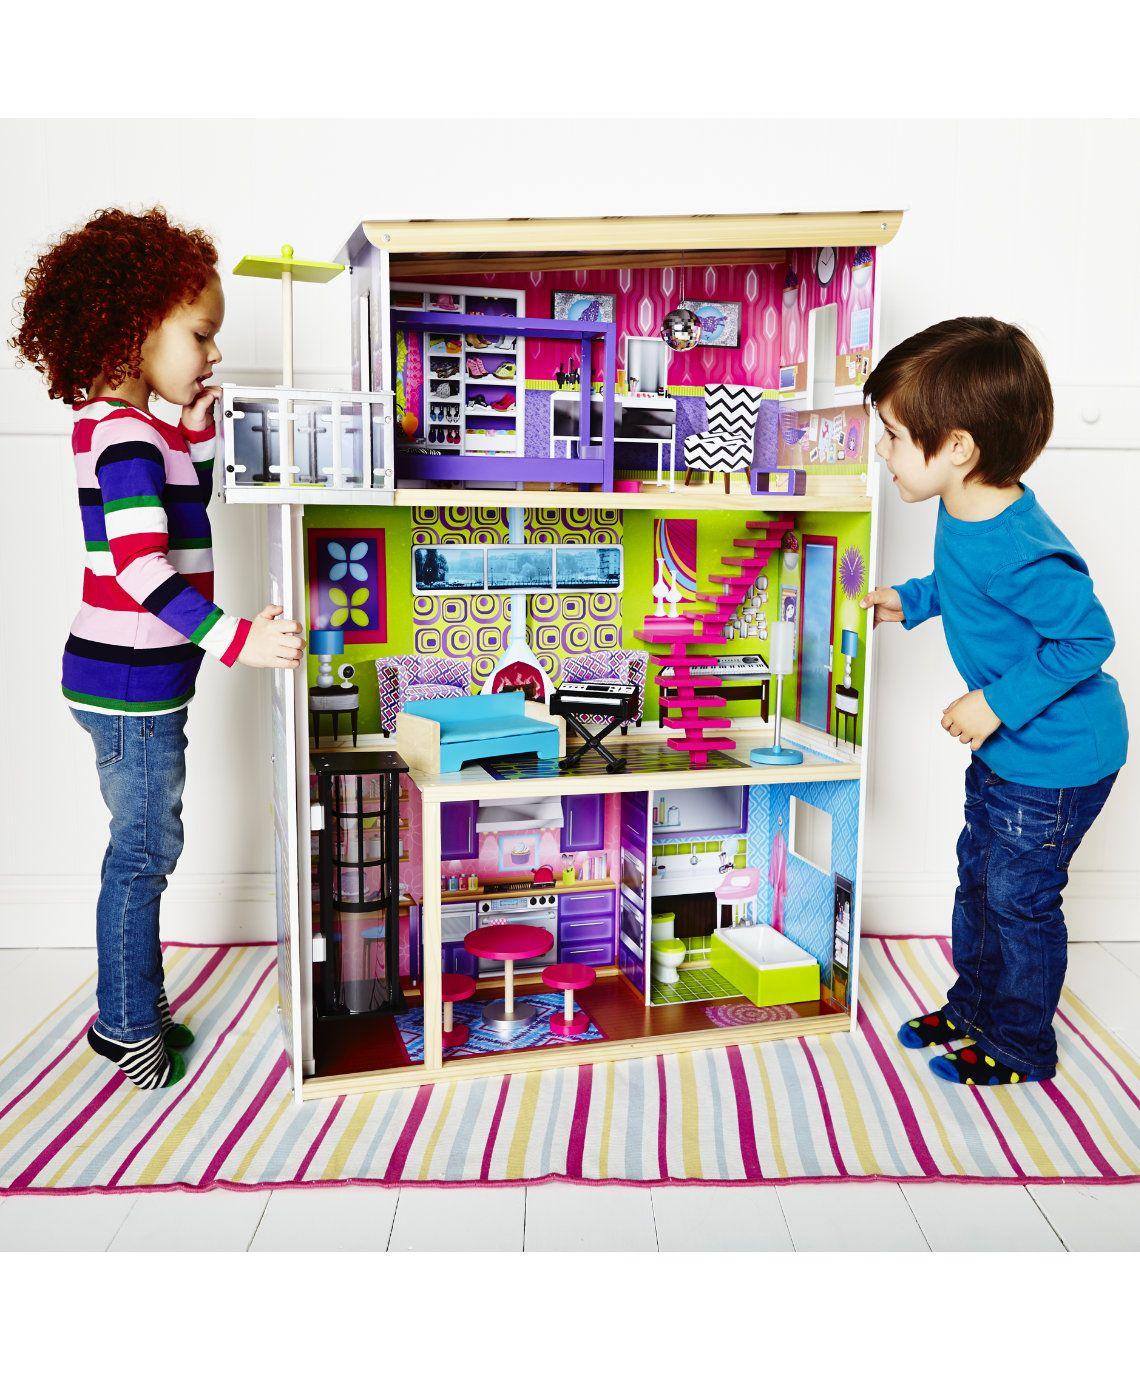 Delightful La Belle Maison Dollsu0027 House : La Belle Maison Dollsu0027 House : Early Learning